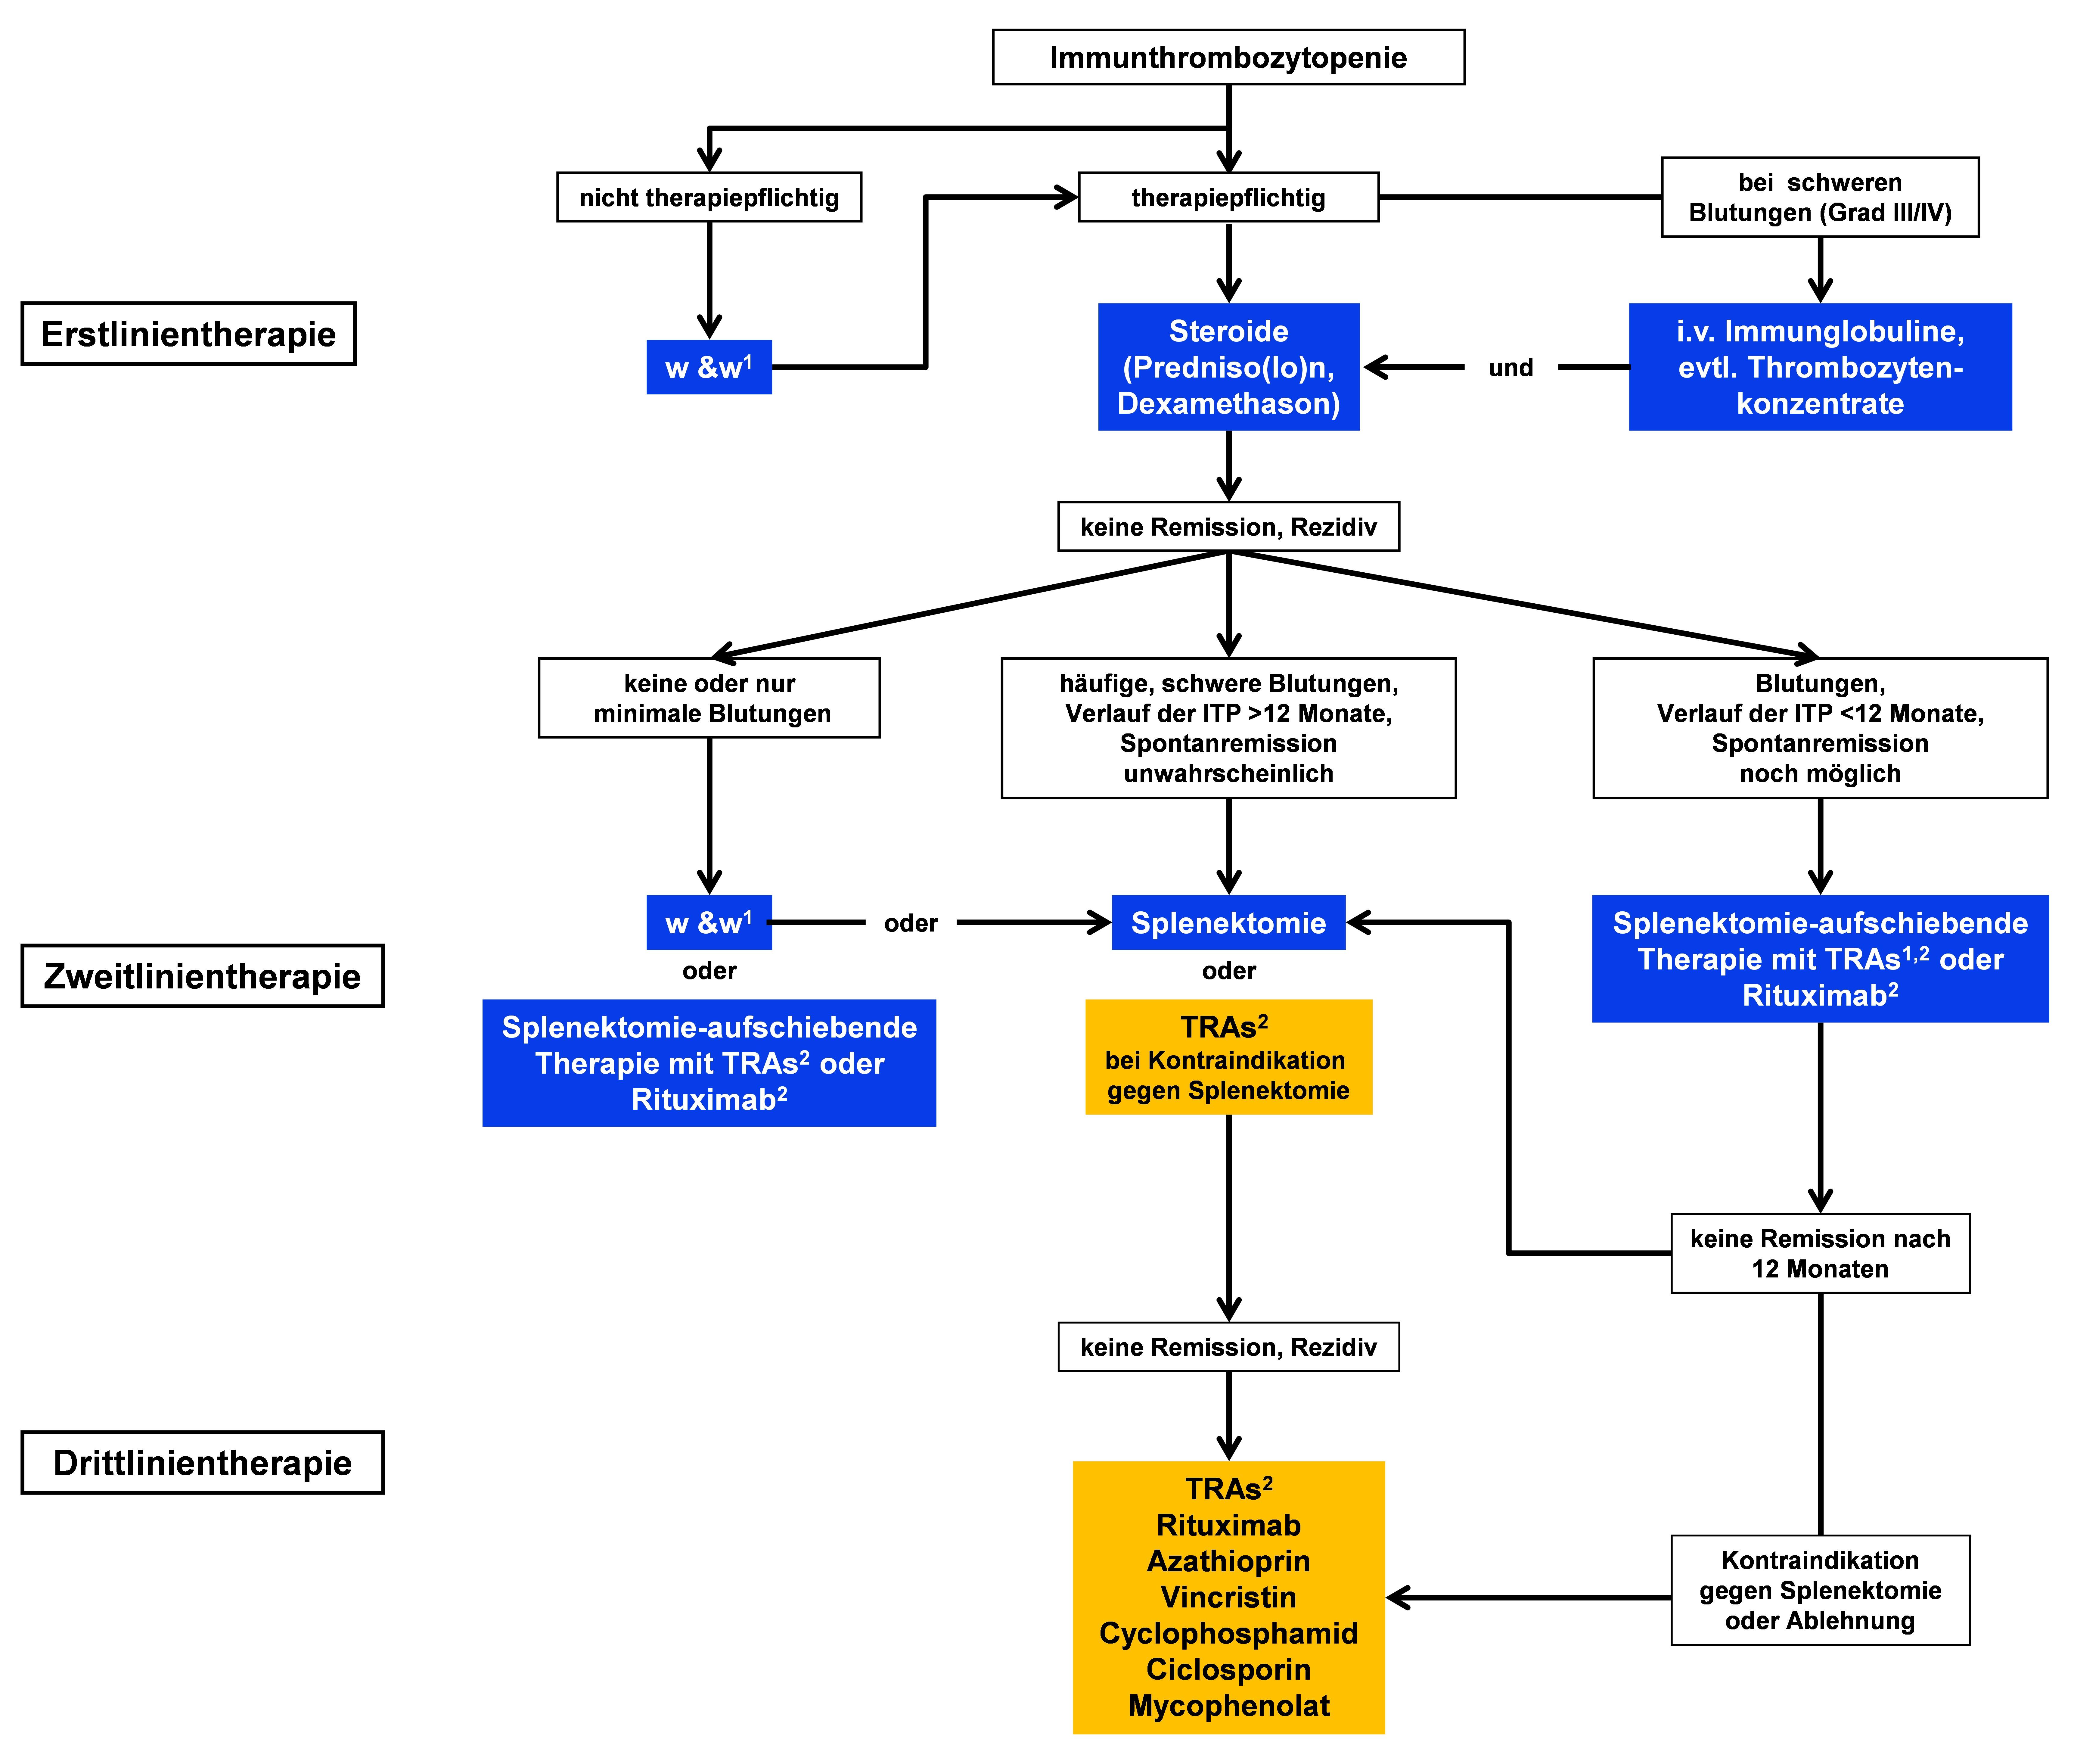 Algorithmus zu Therapieempfehlungen bei Immunthrombozytopenie